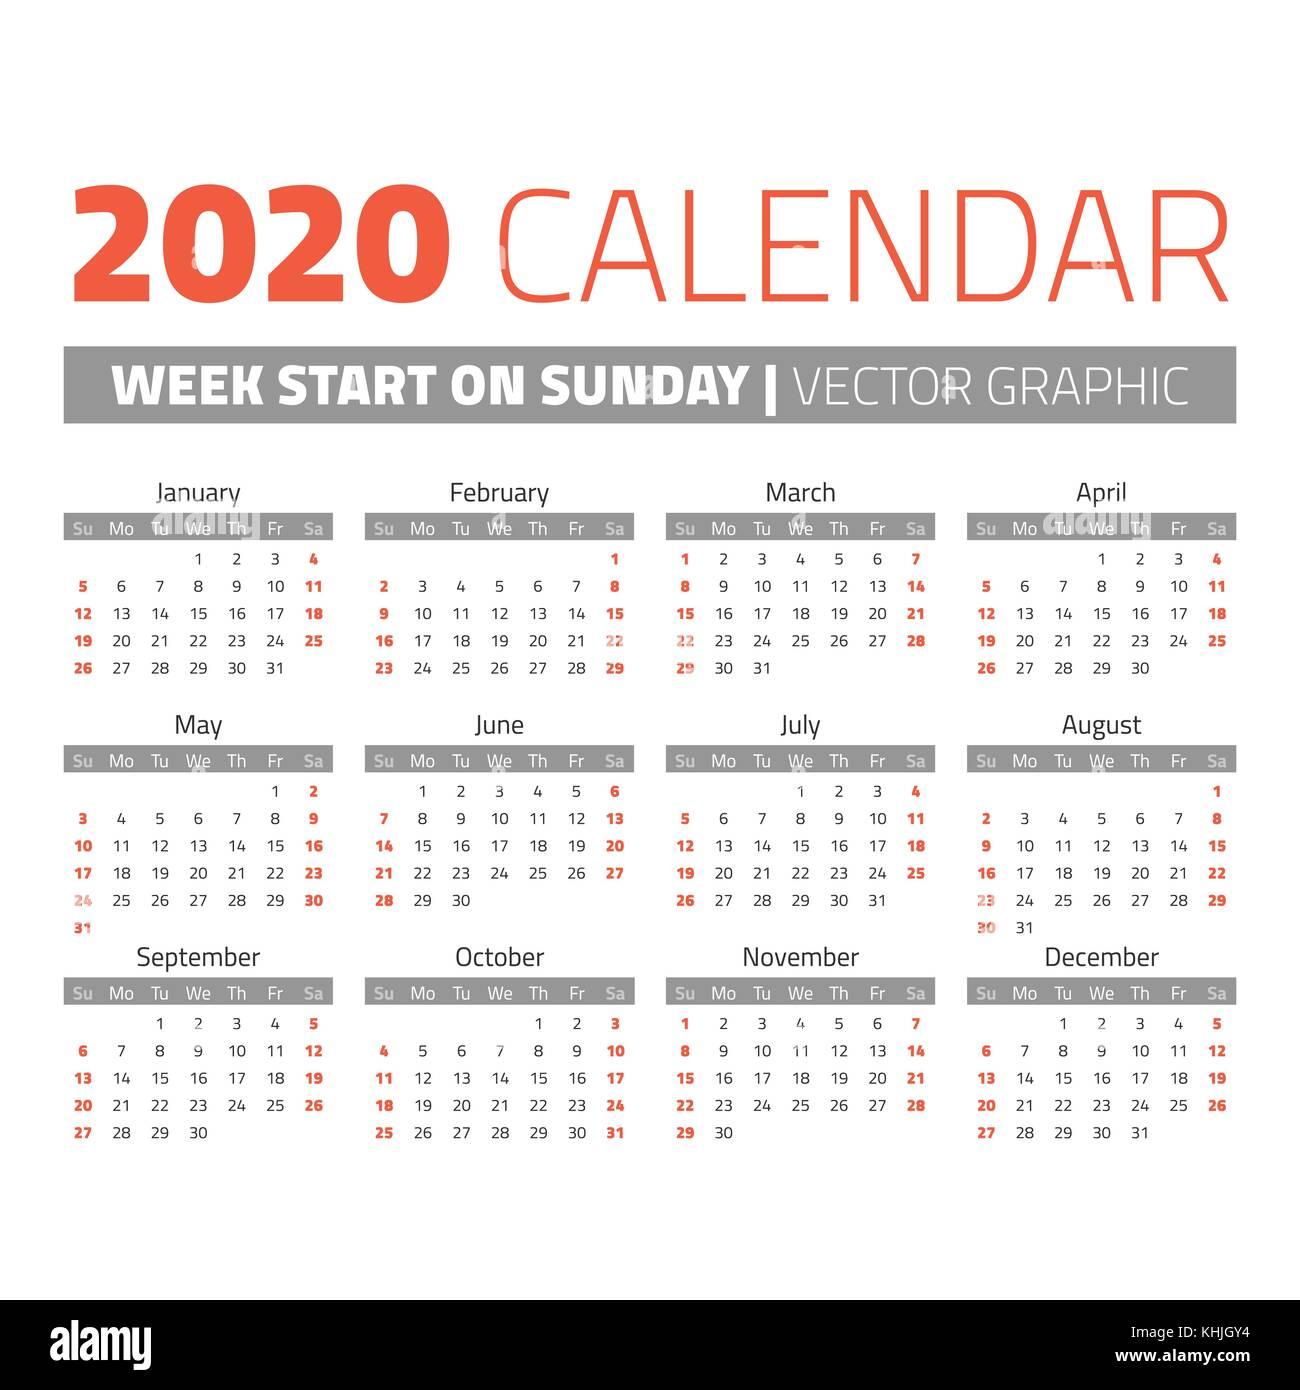 Calendario Por Semanas 2020.Simple Calendario Del Ano 2020 Semanas Comenzara El Domingo